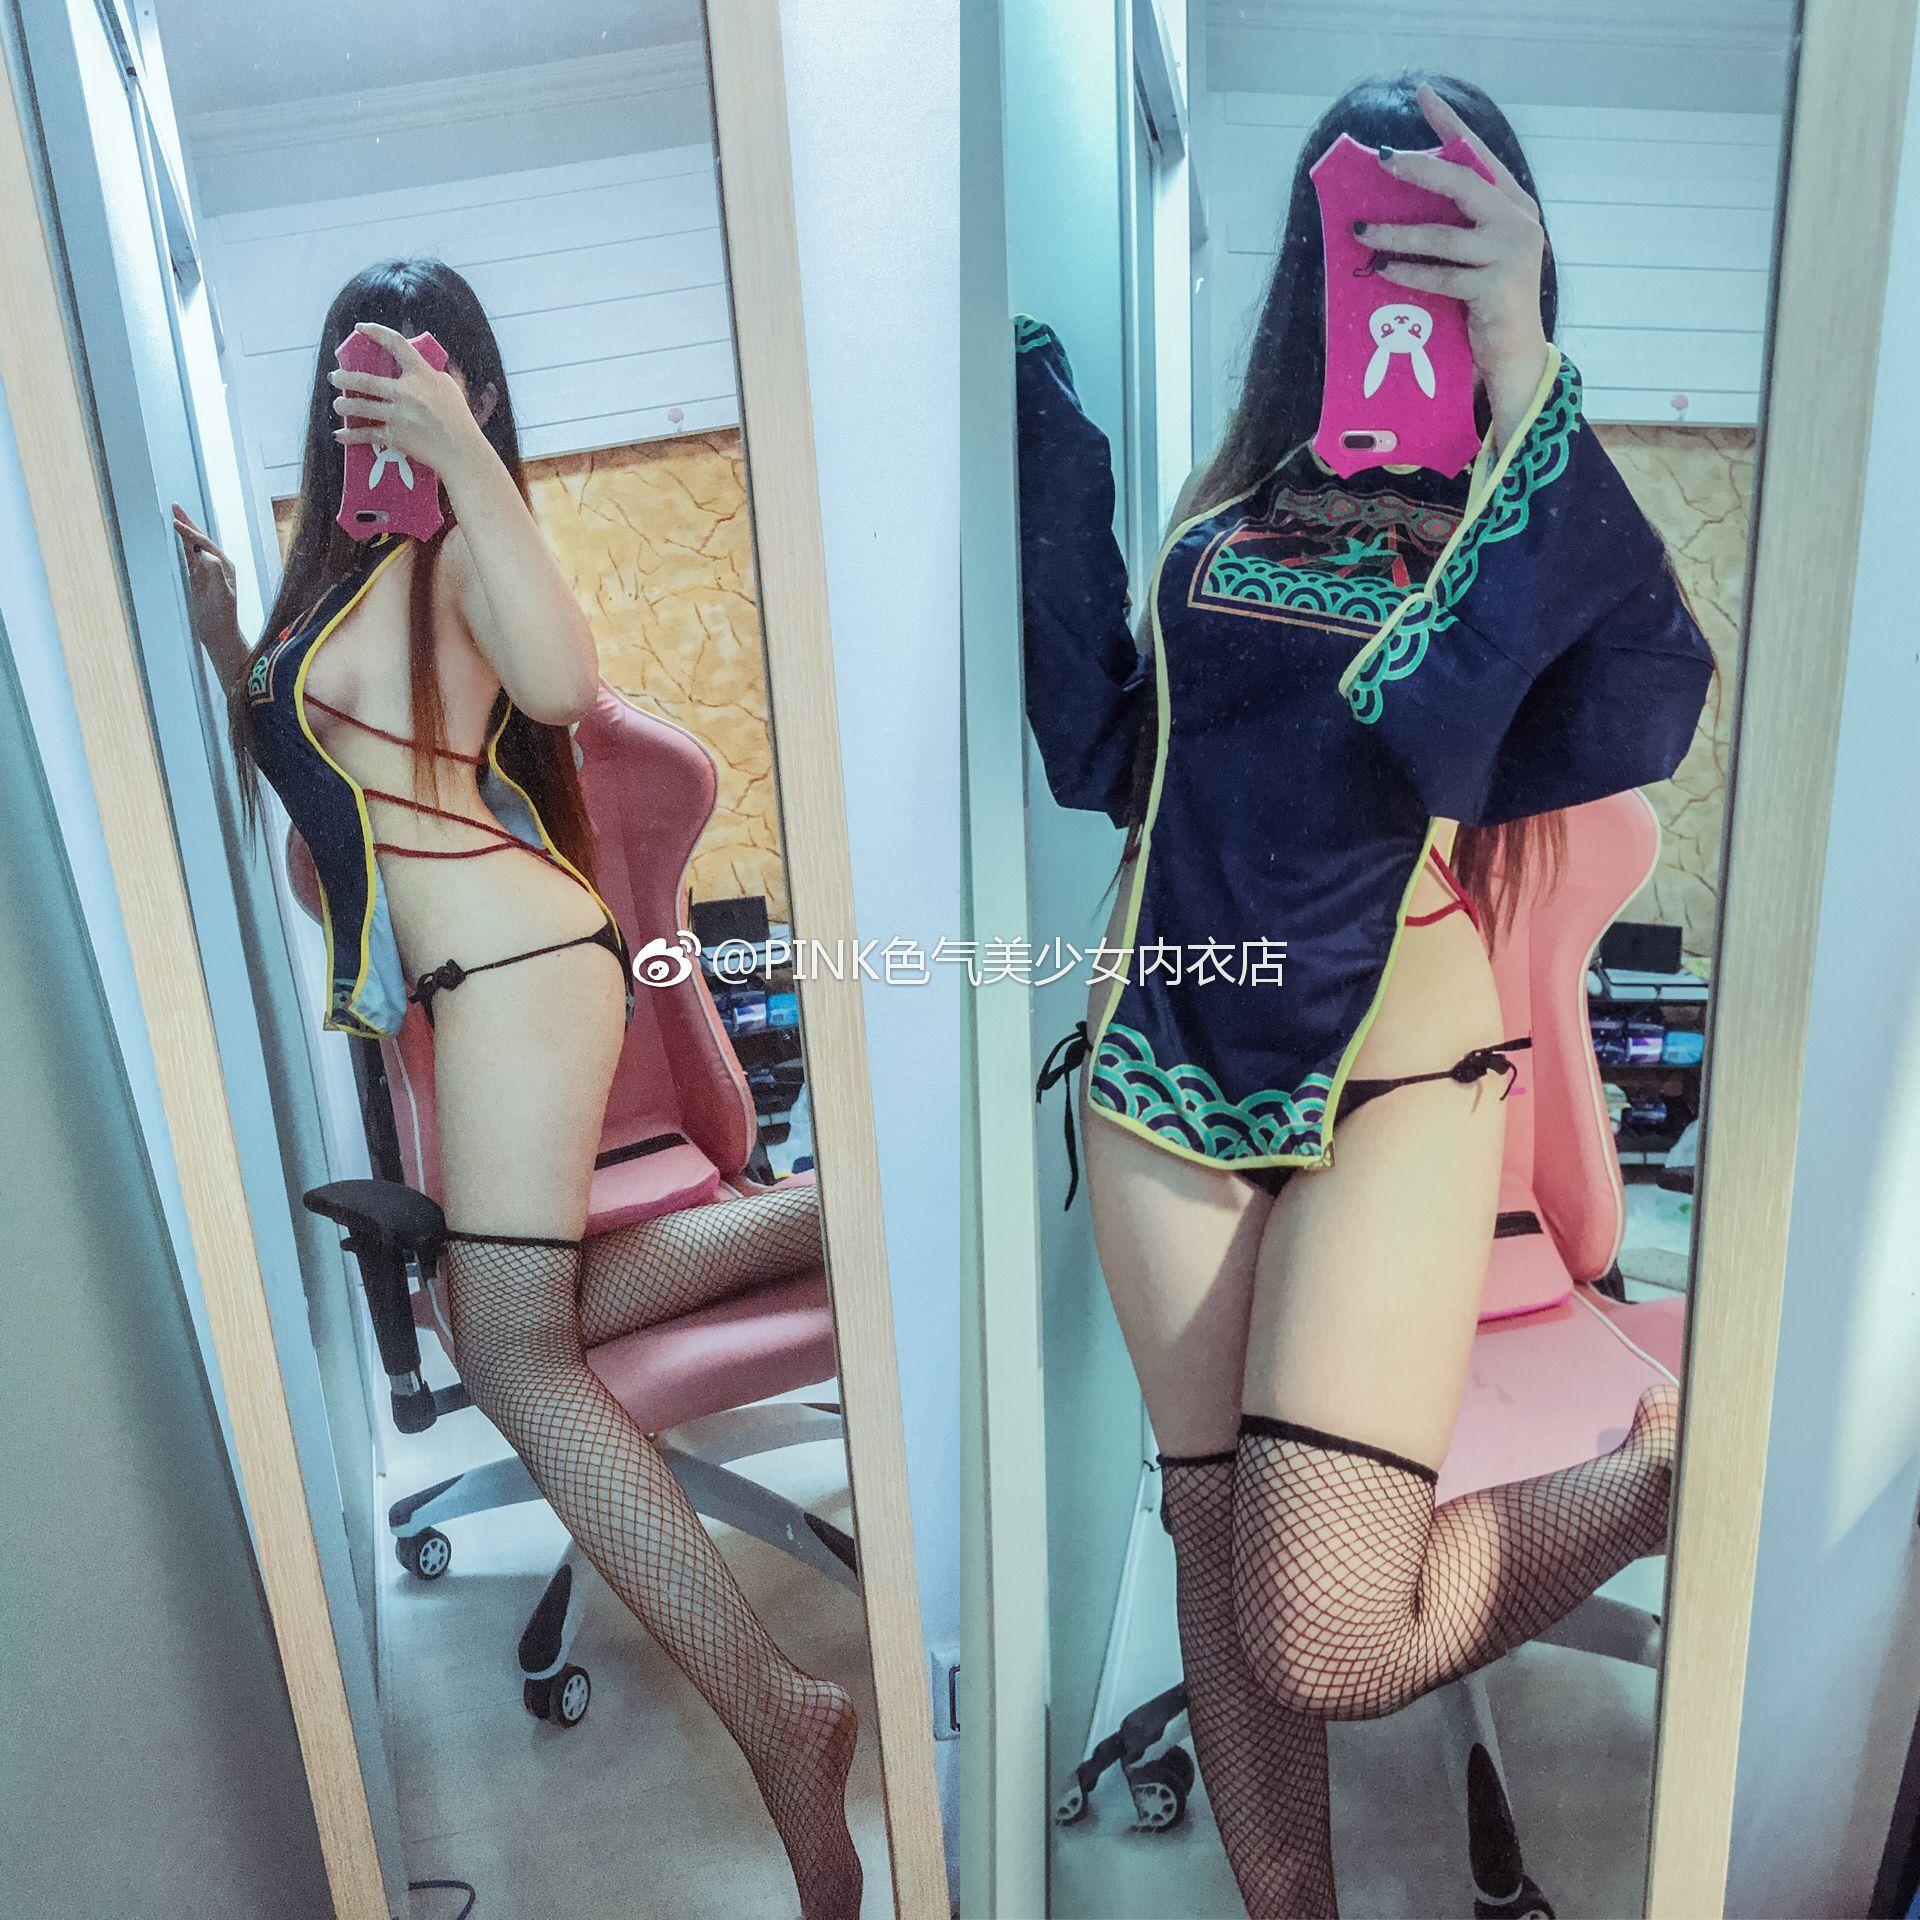 微博妹子@PINK色气美少女内衣店的情趣内衣试穿(9P)